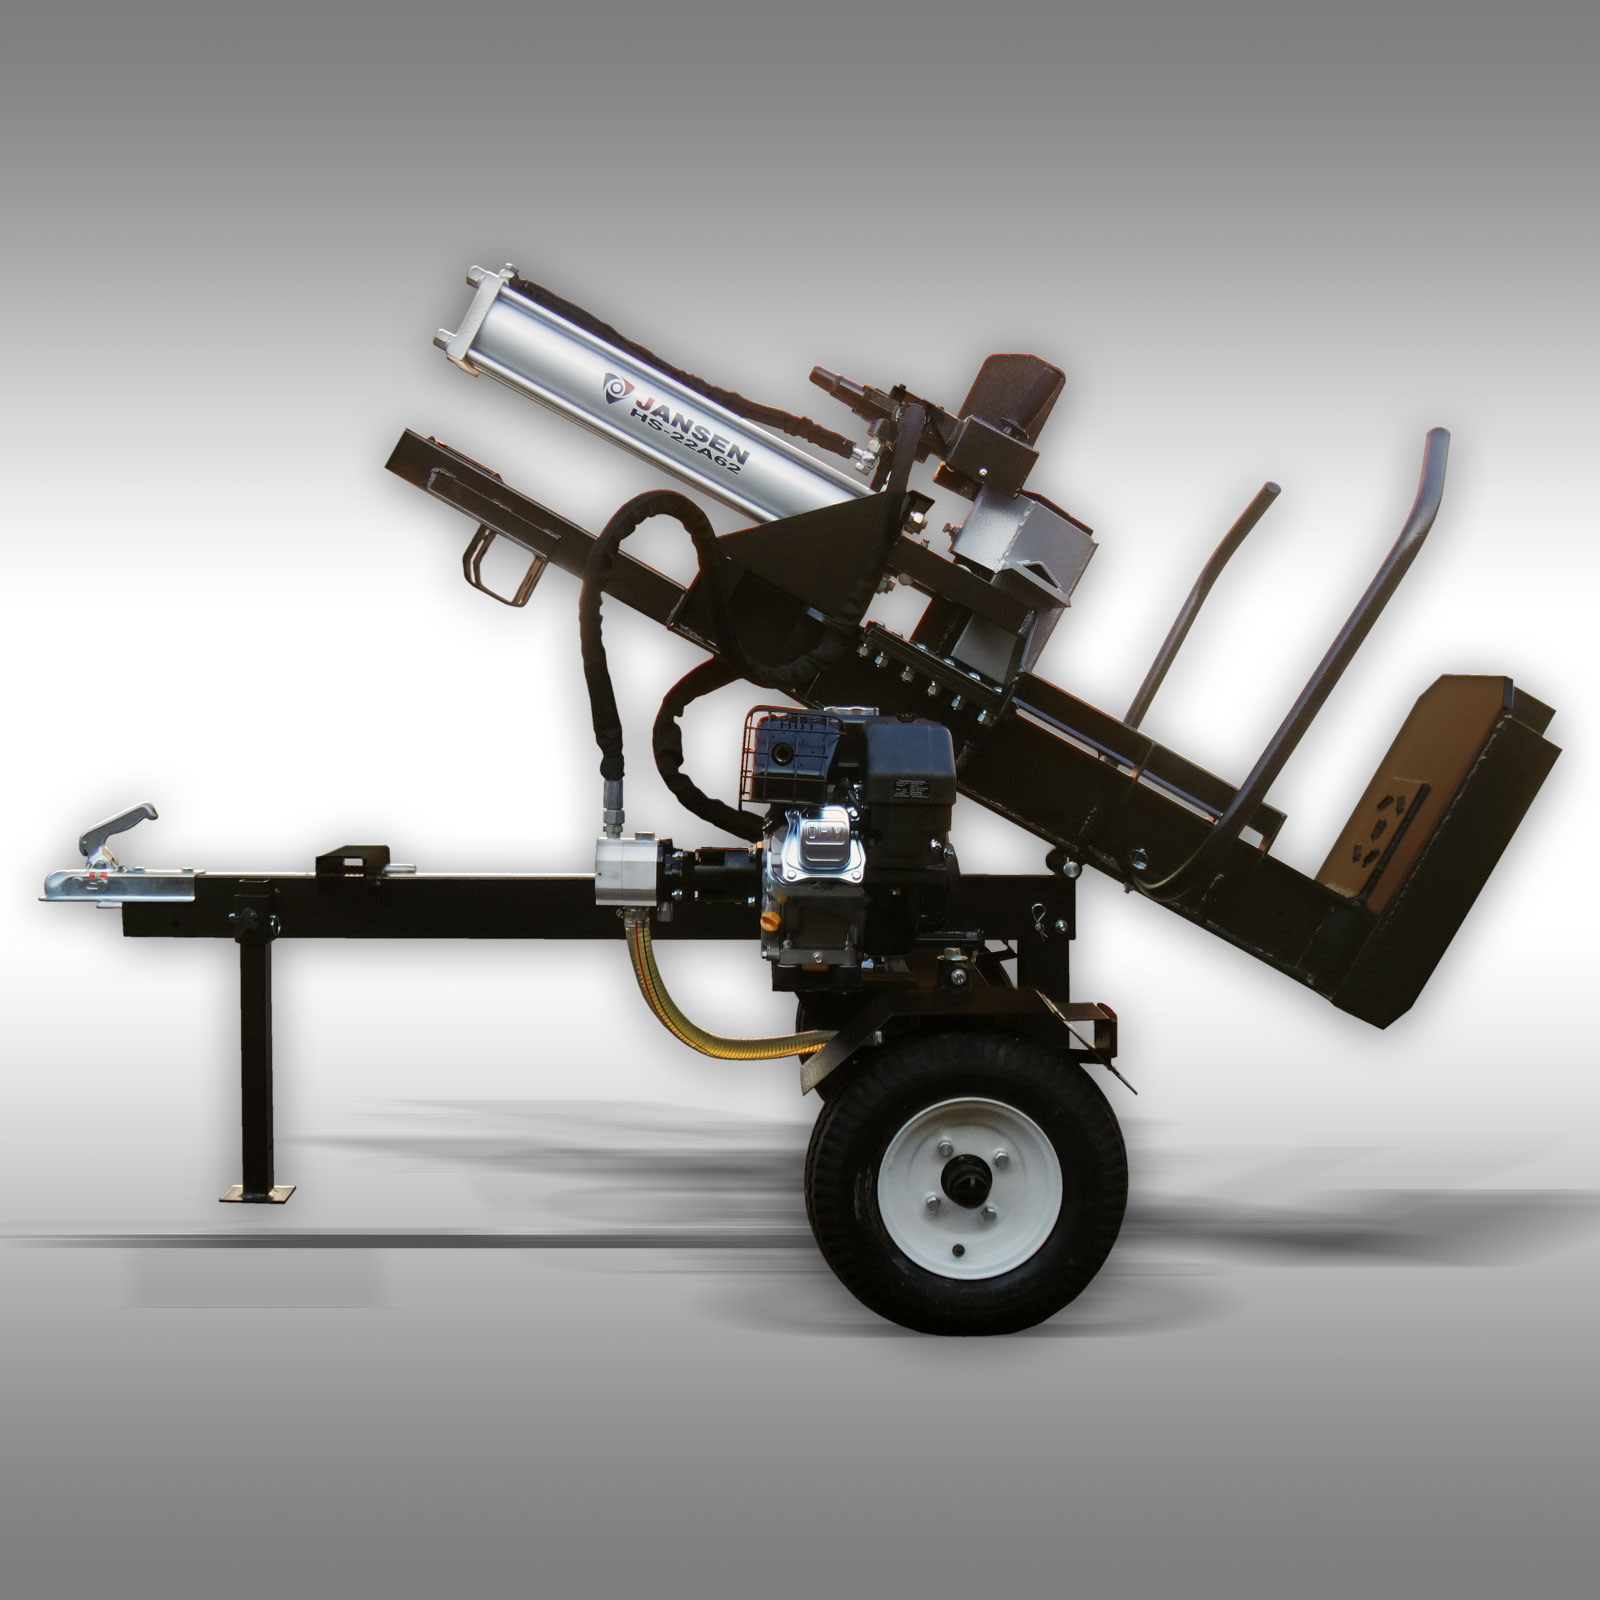 holzspalter jansen hs 22a62 62 cm 22 t benzinmotor stehend liegend neu ebay. Black Bedroom Furniture Sets. Home Design Ideas